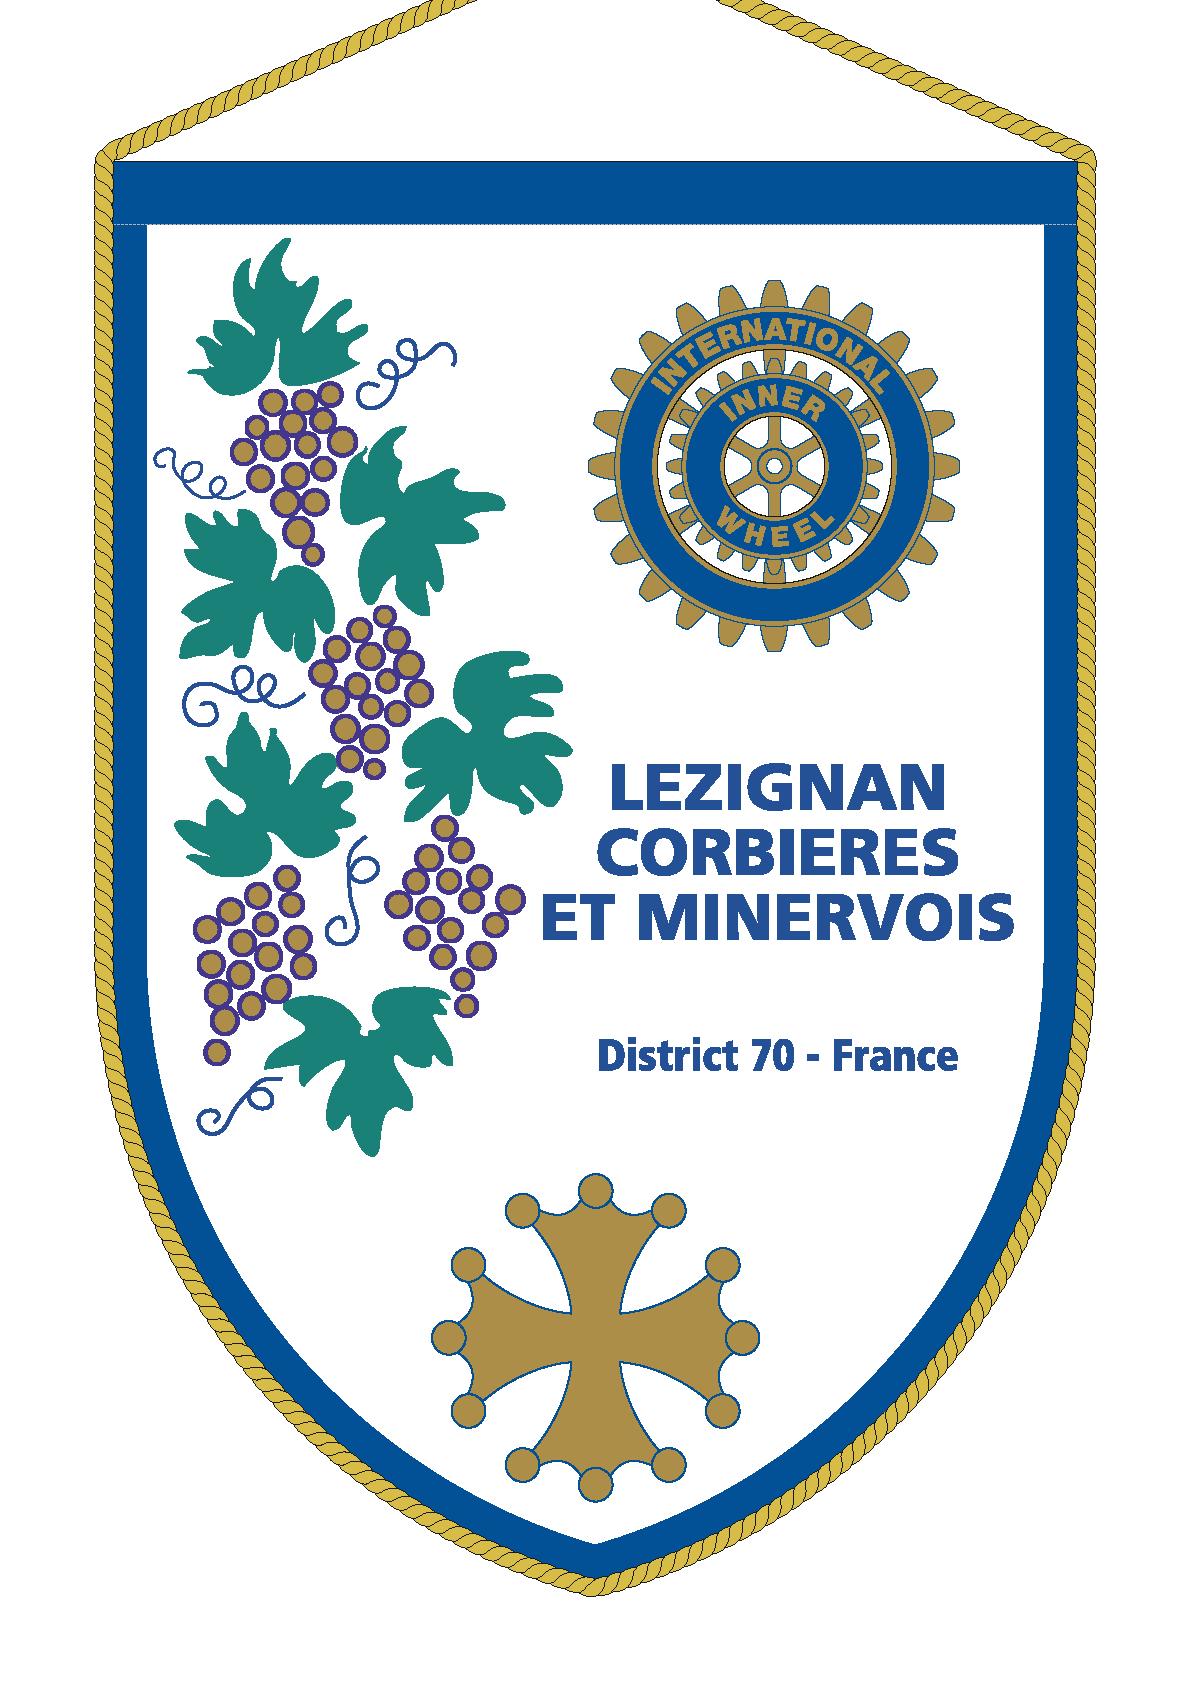 FANION INNER WHEEL CLUB LEZIGNAN CORBIERES EN MINERVOIS